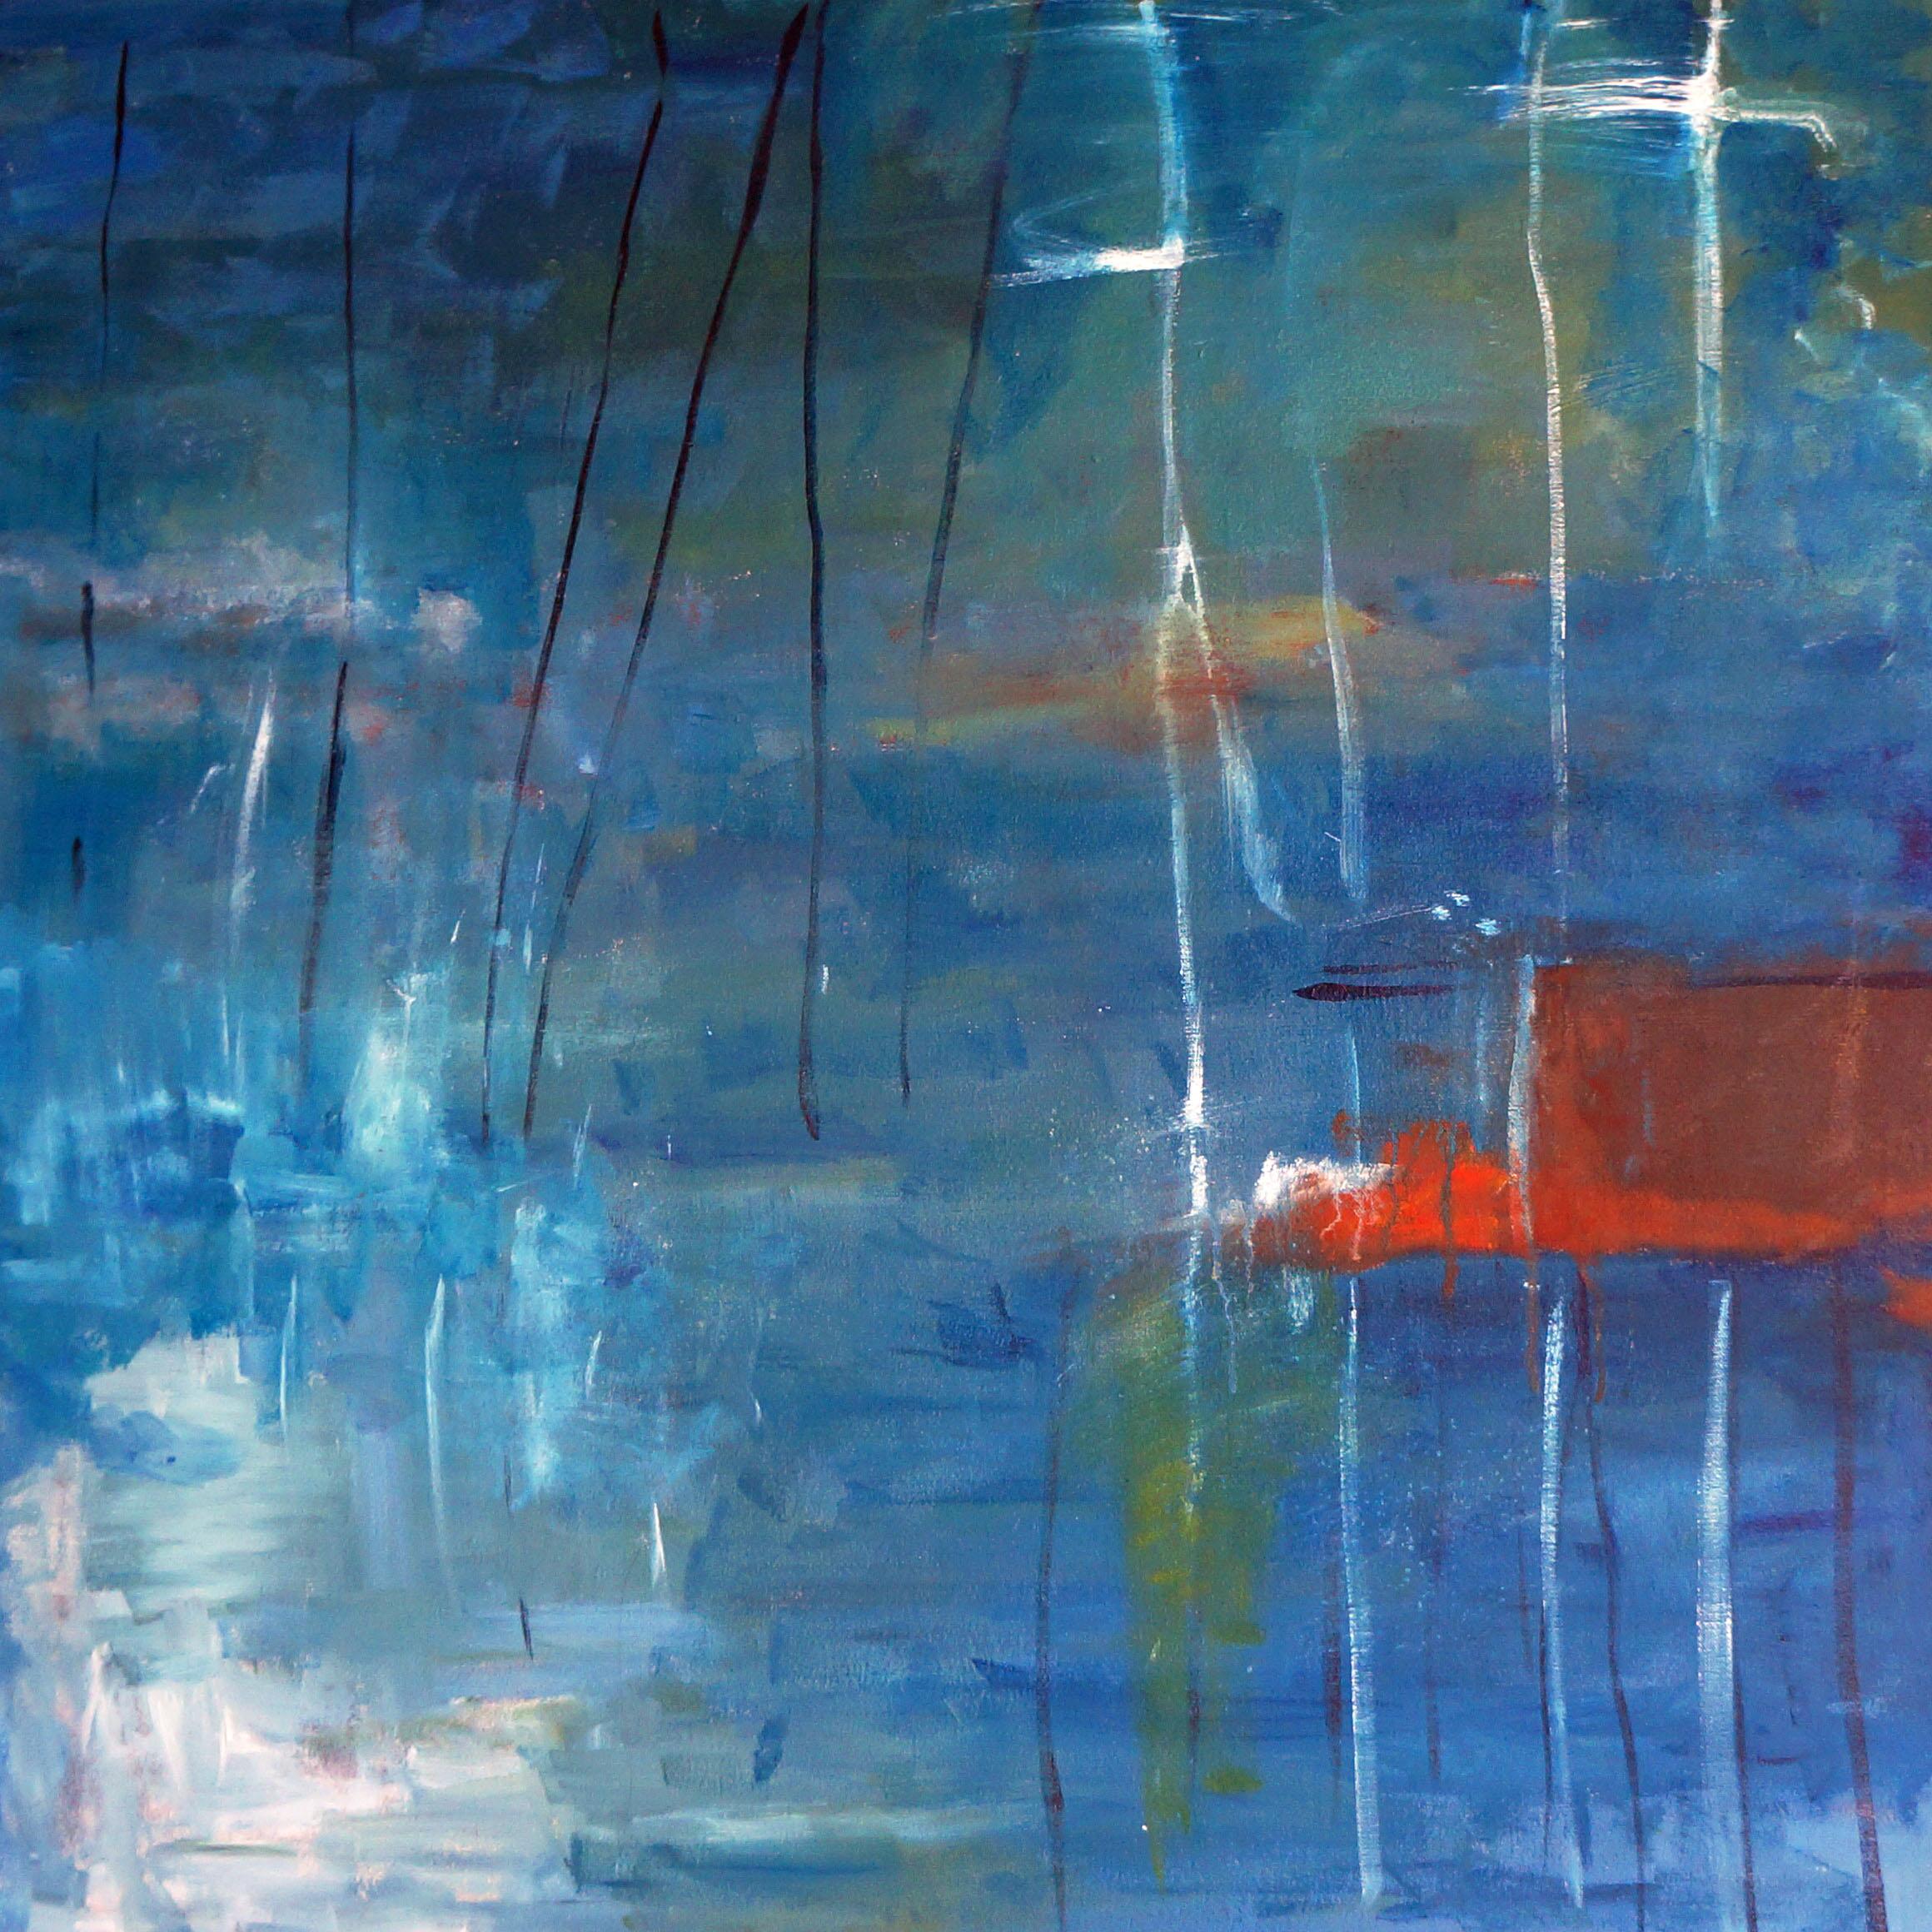 Abstract in blues_warrenanne.jpg